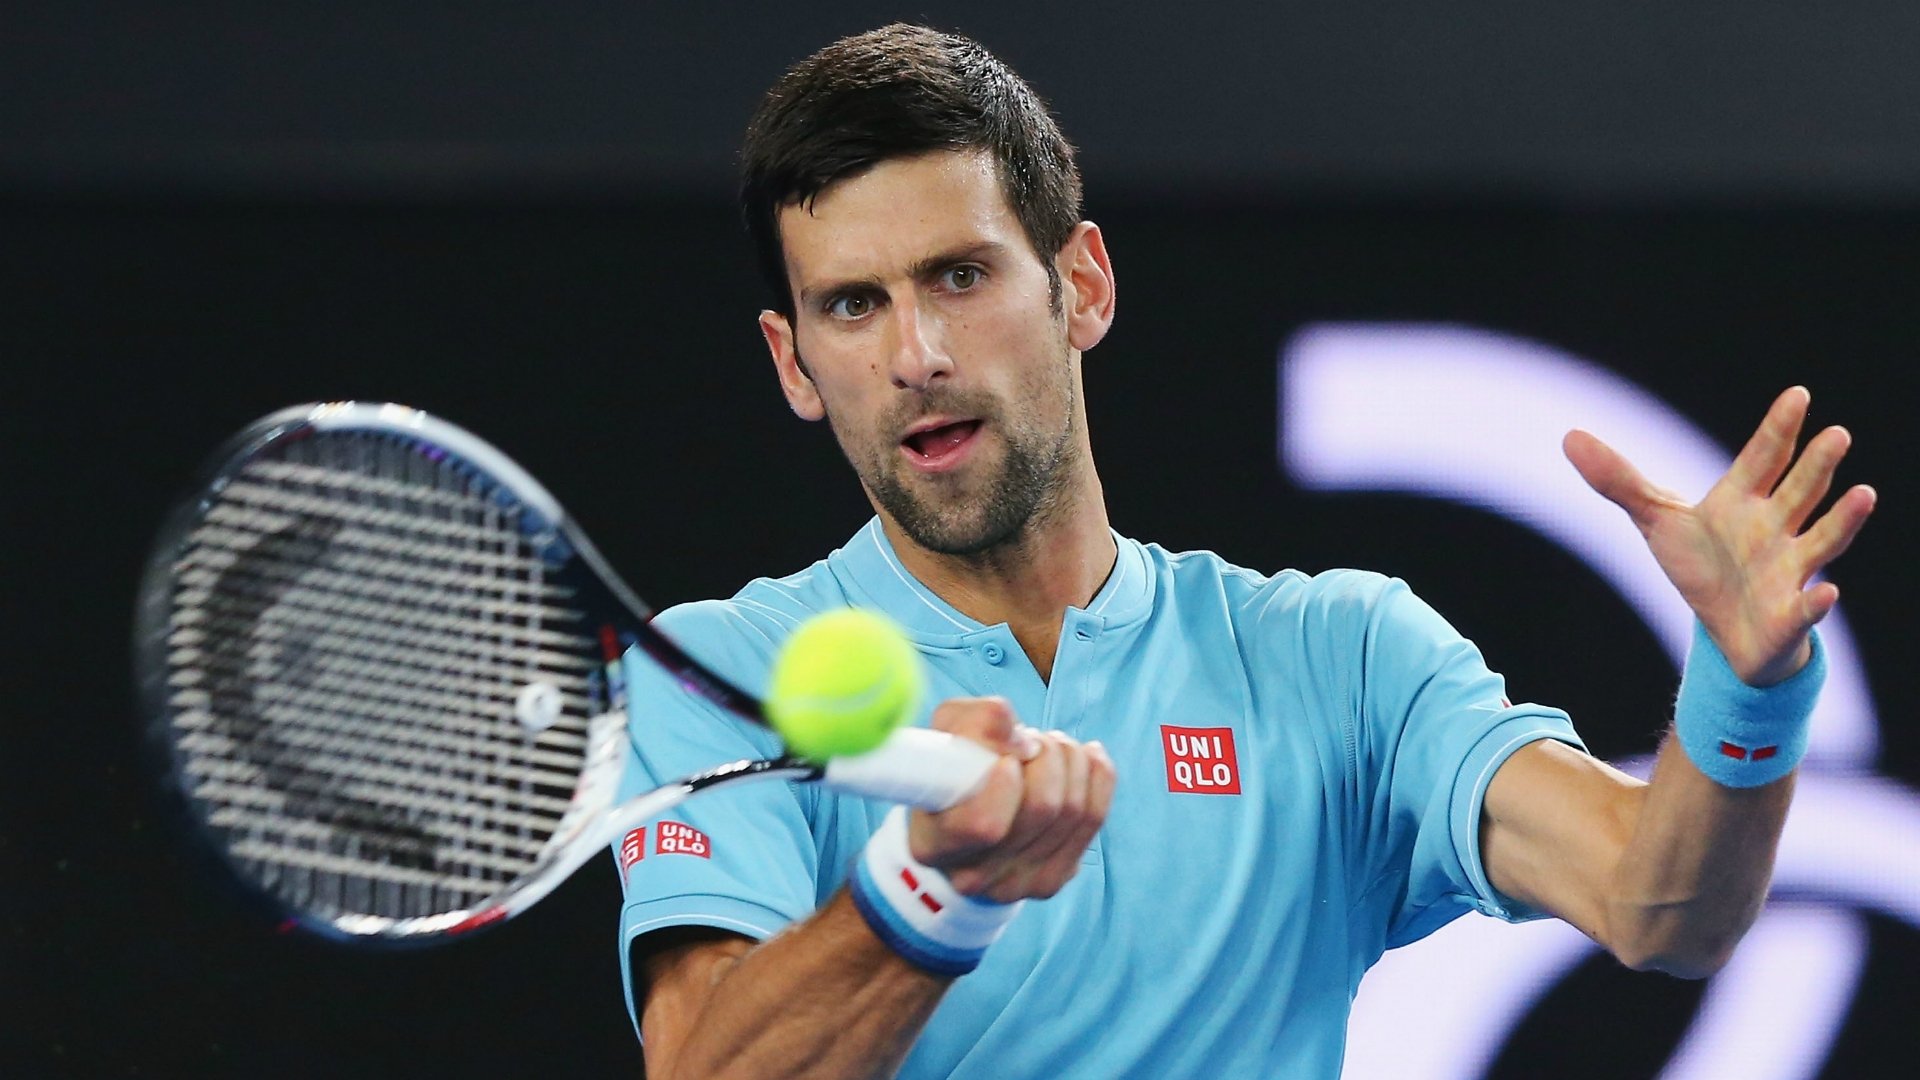 Новак Джокович е взел нетипичното решение да участва на тенис